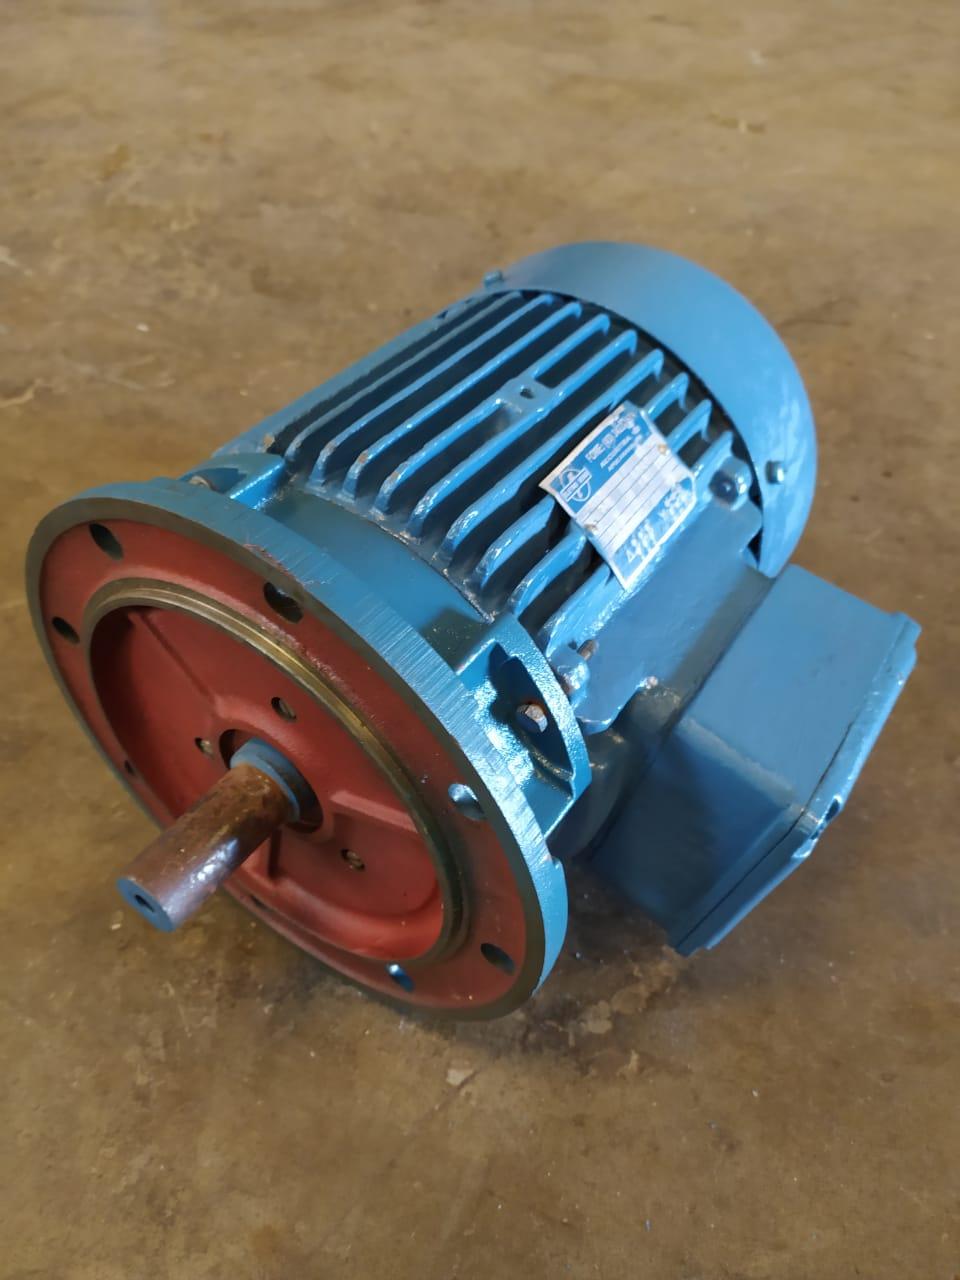 Motor Eberle Trifásico 7.5cv 2 Polos 3540Rpm Blindado 220V 380V C/ Flange FF 112 Usado